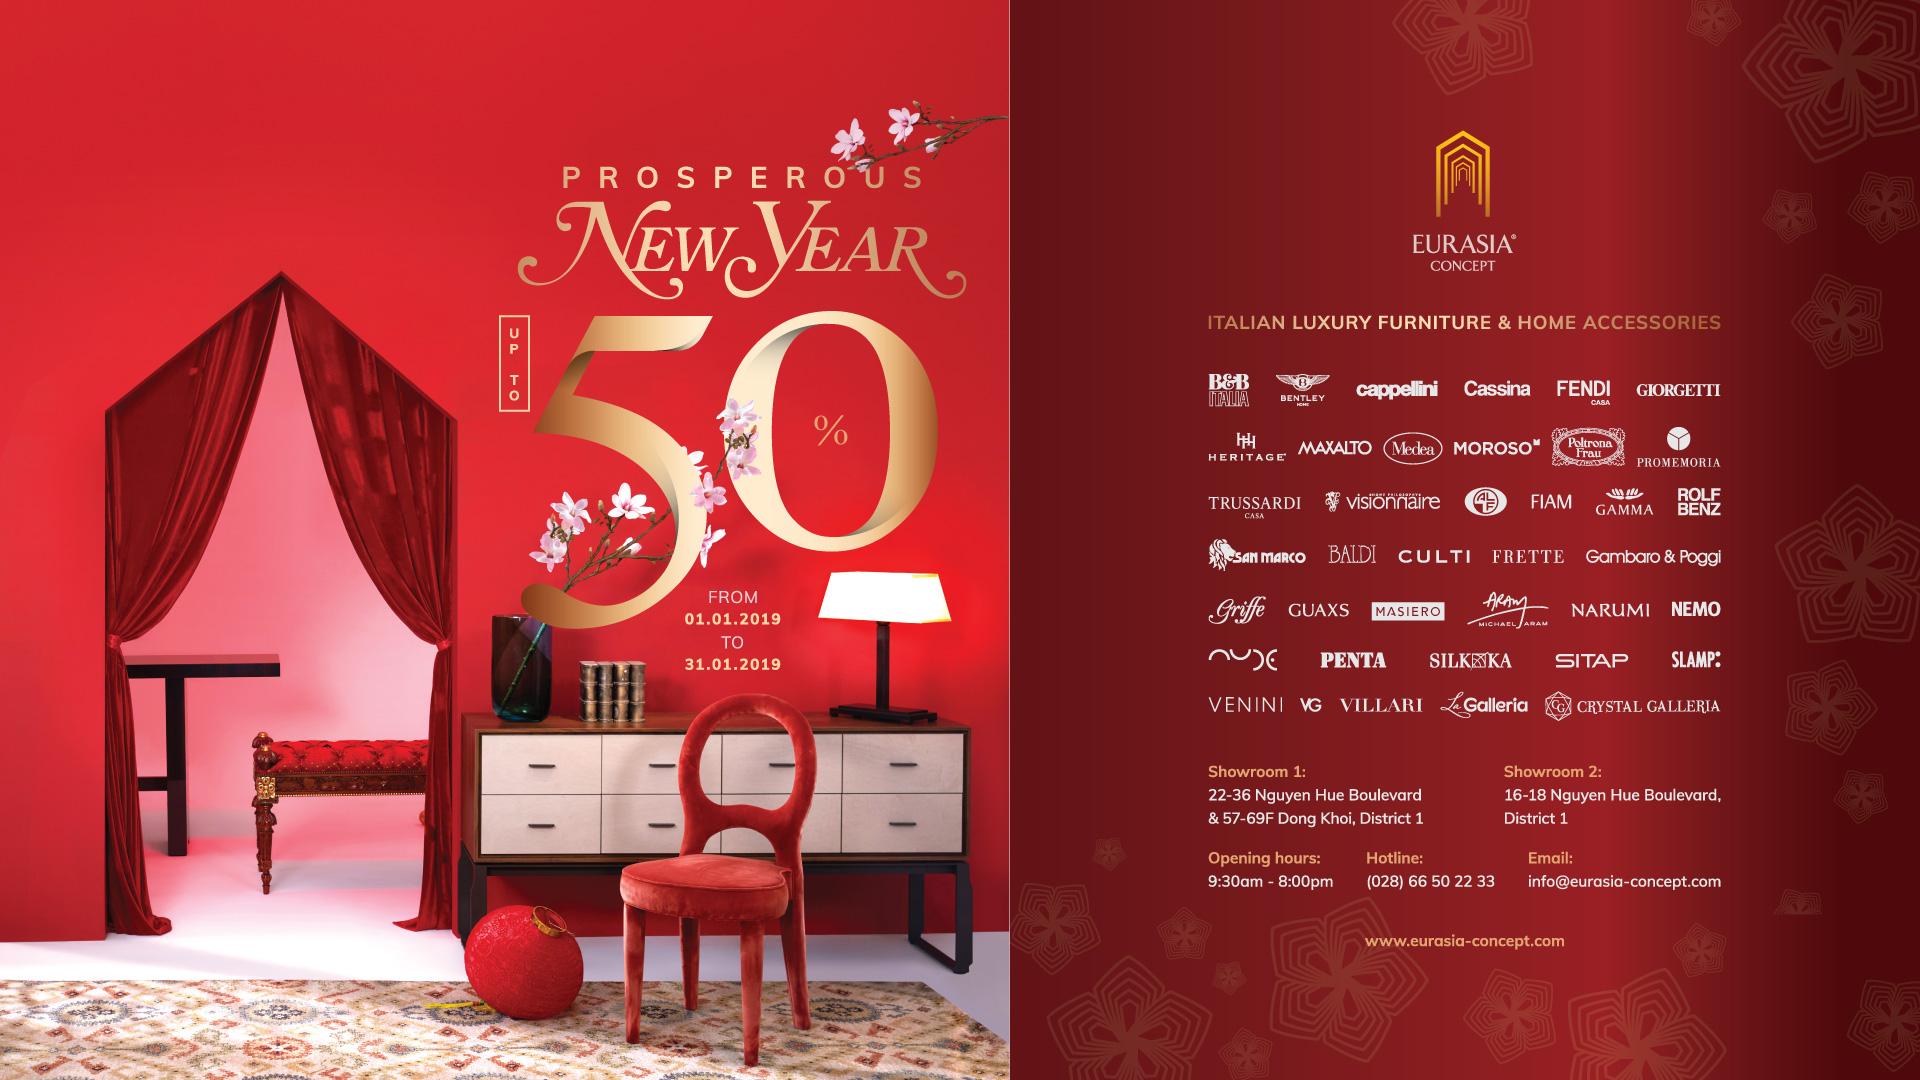 Homepage-banner-1920x1080-desktop